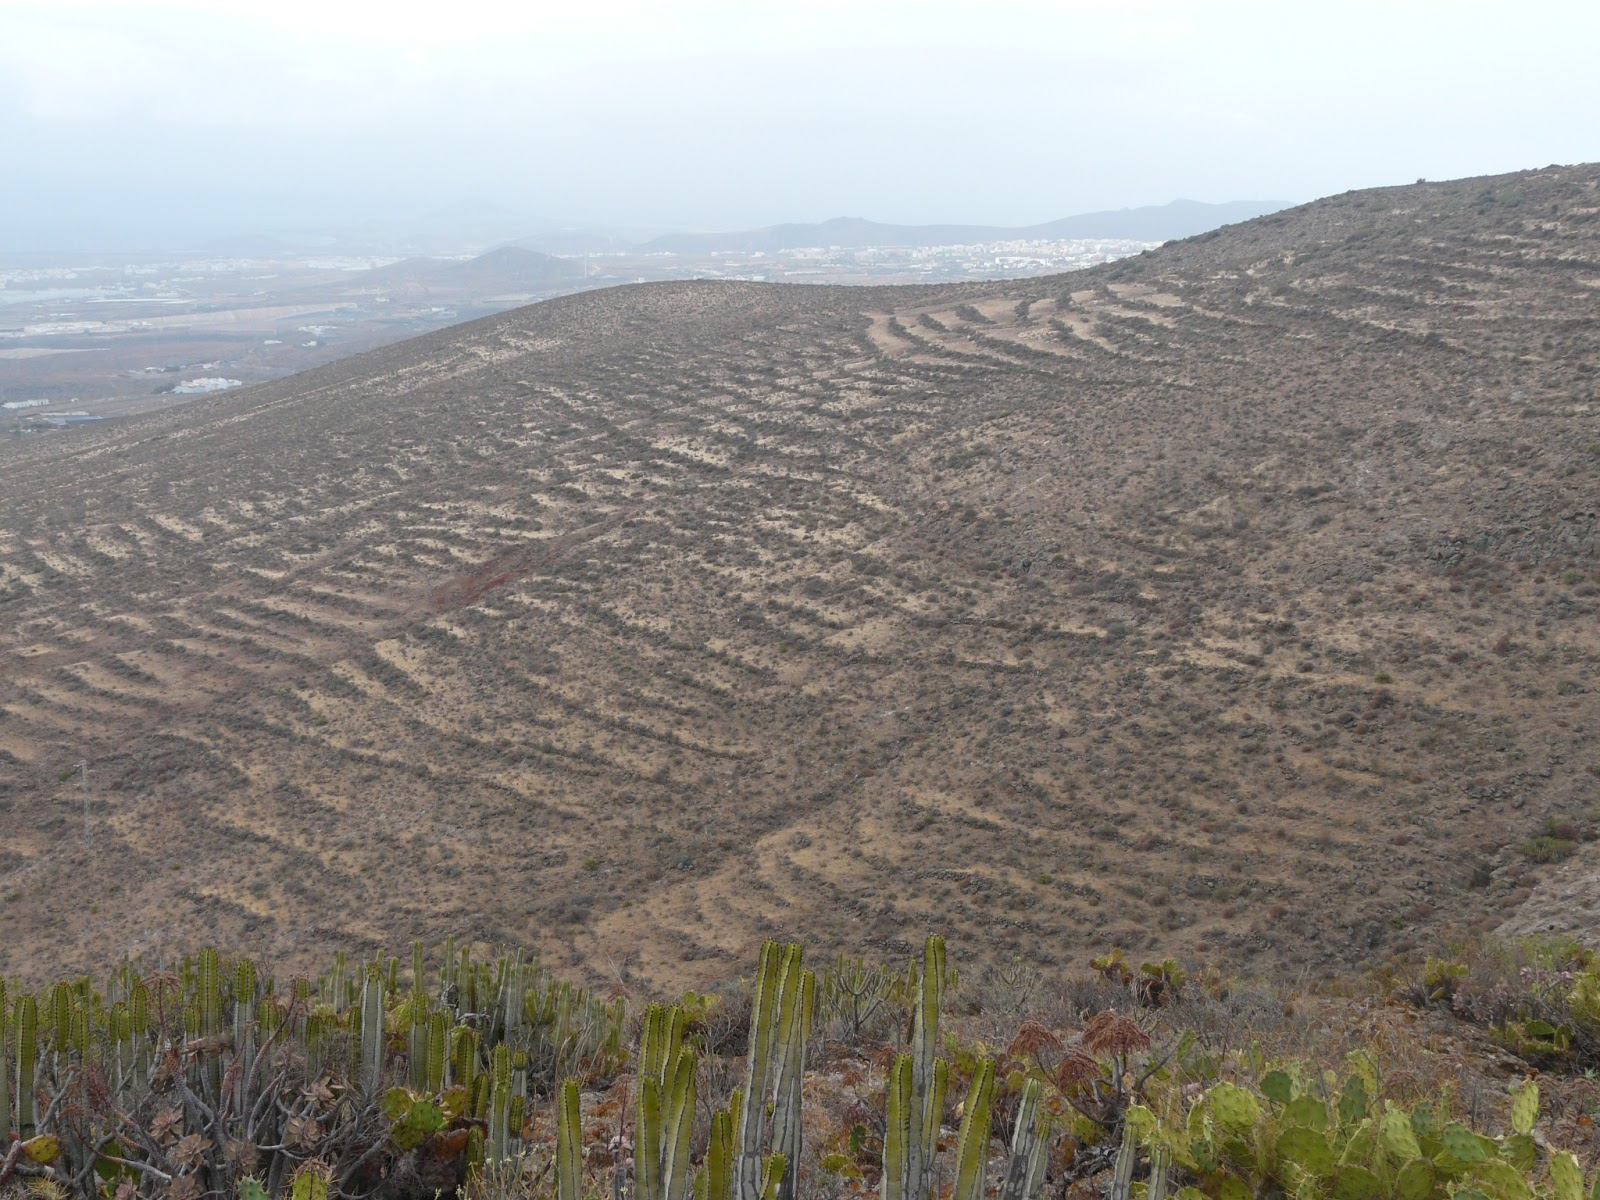 Zona desertizada en Canarias